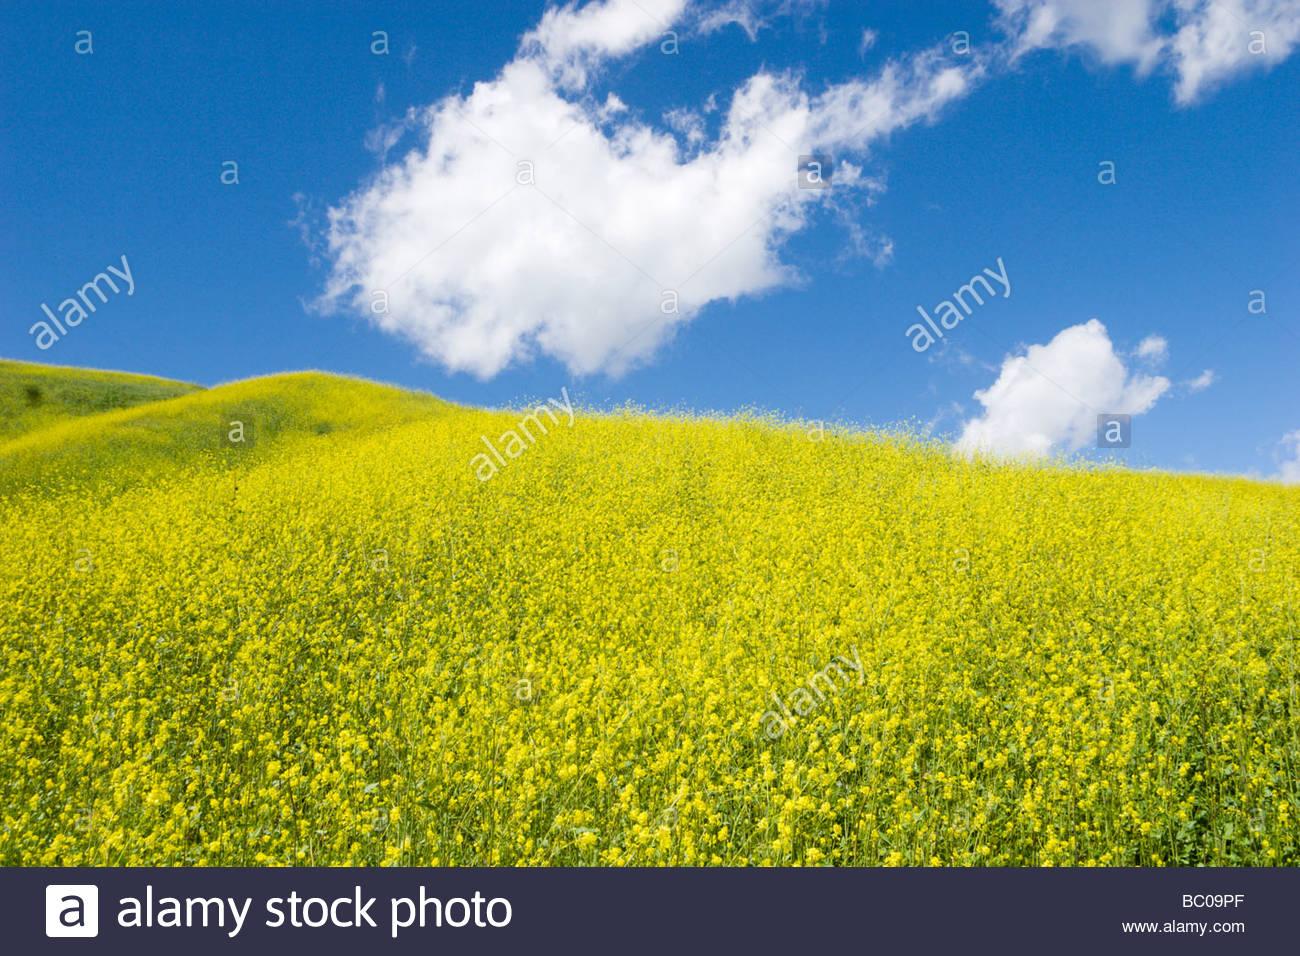 Blooming mustard flowers chino hills state park california stock blooming mustard flowers chino hills state park california freerunsca Image collections